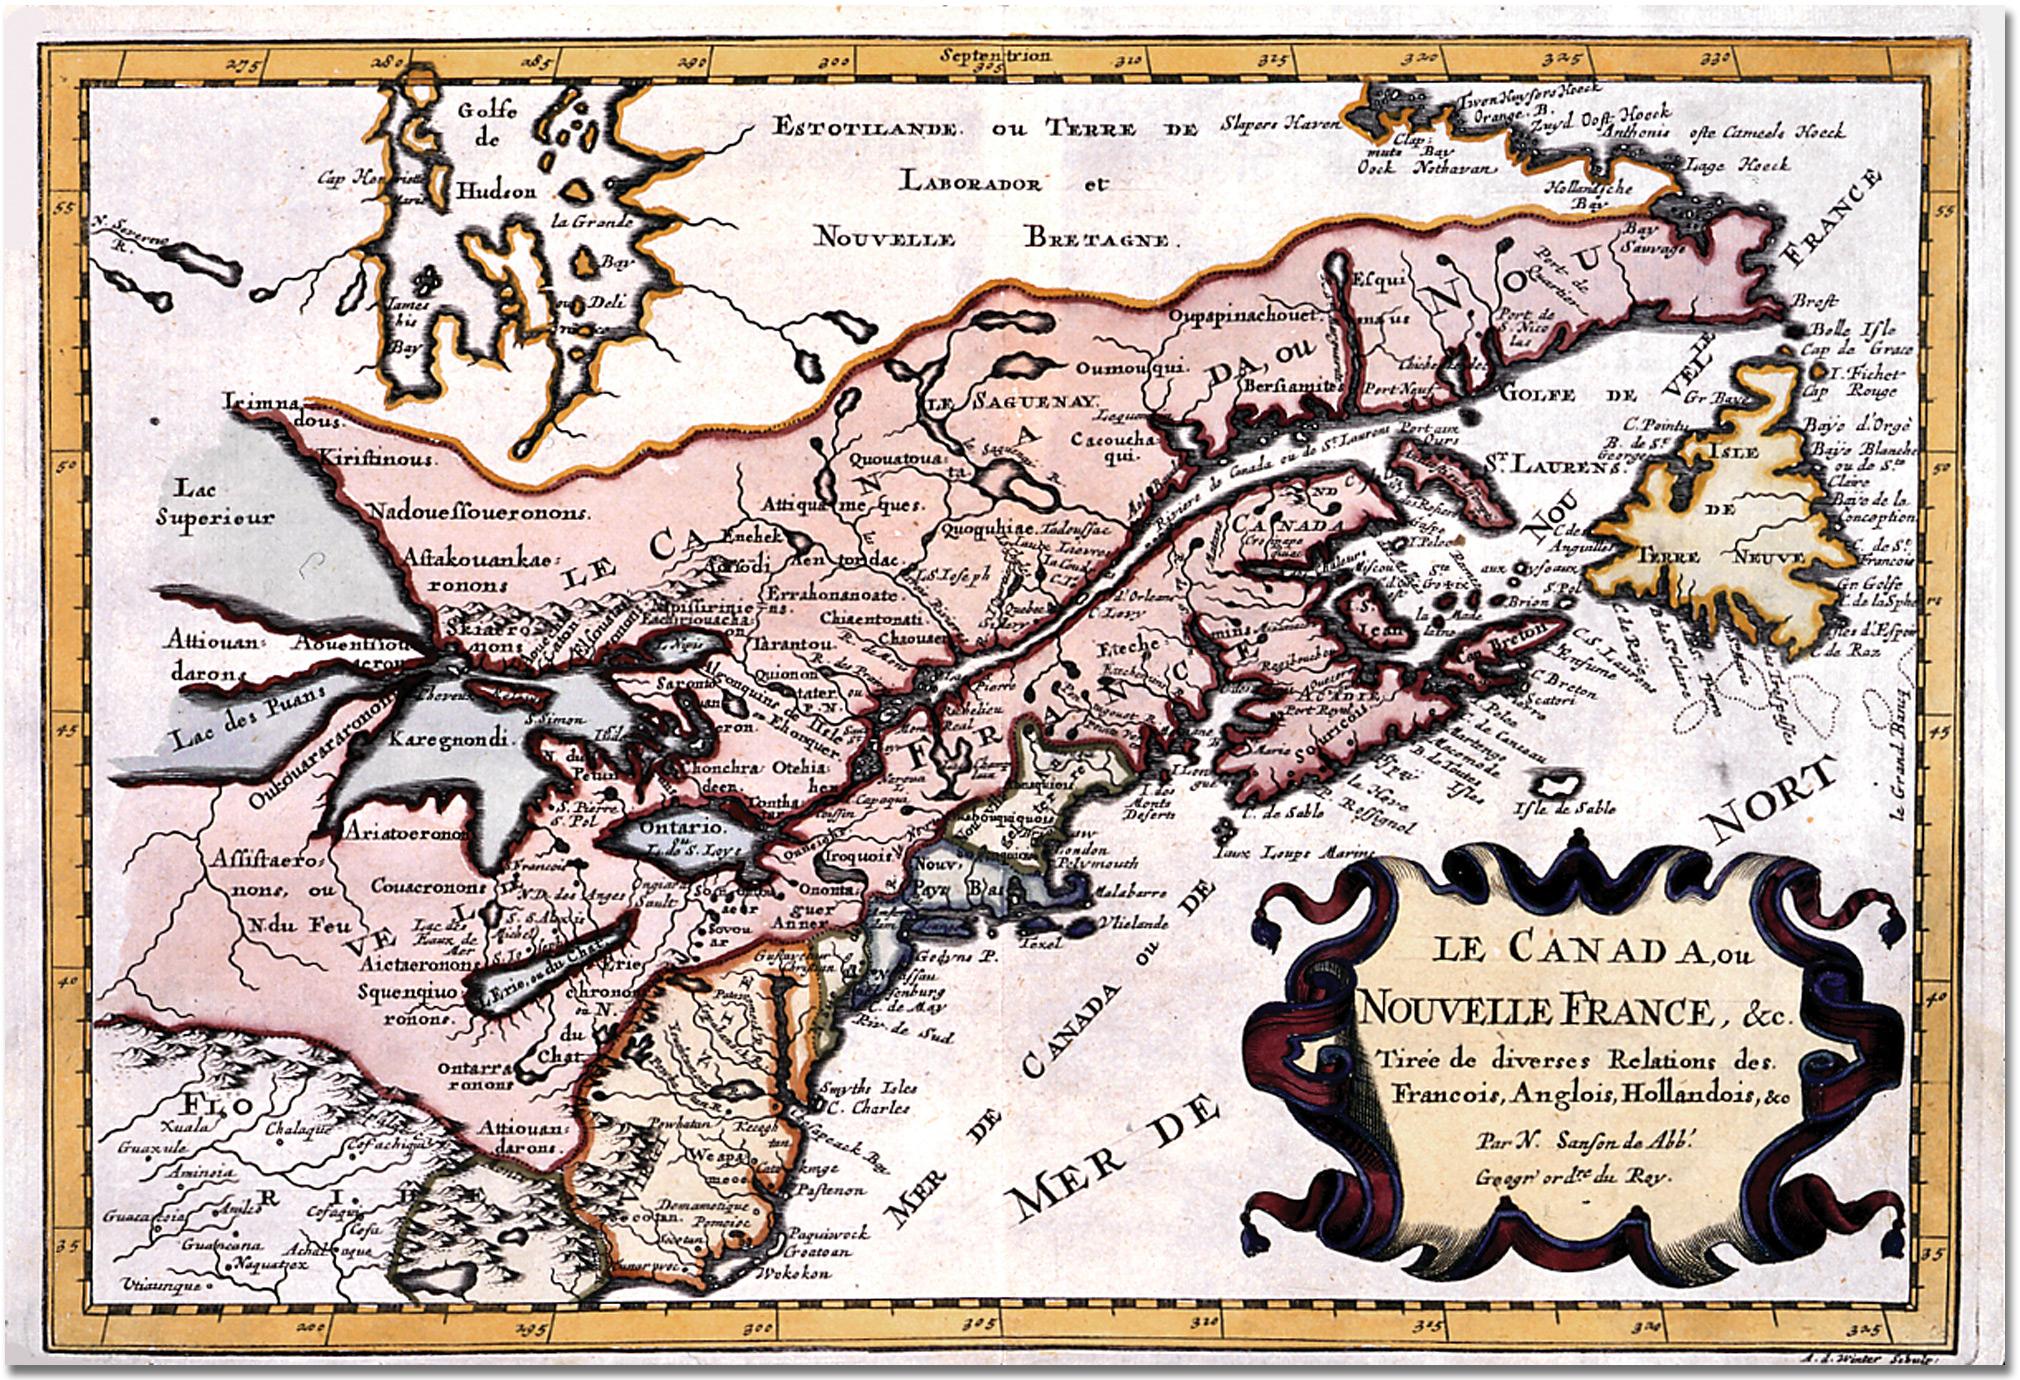 Datei:le Canada Ou Nouvelle France – Wikipedia dedans Nouvelle Region France